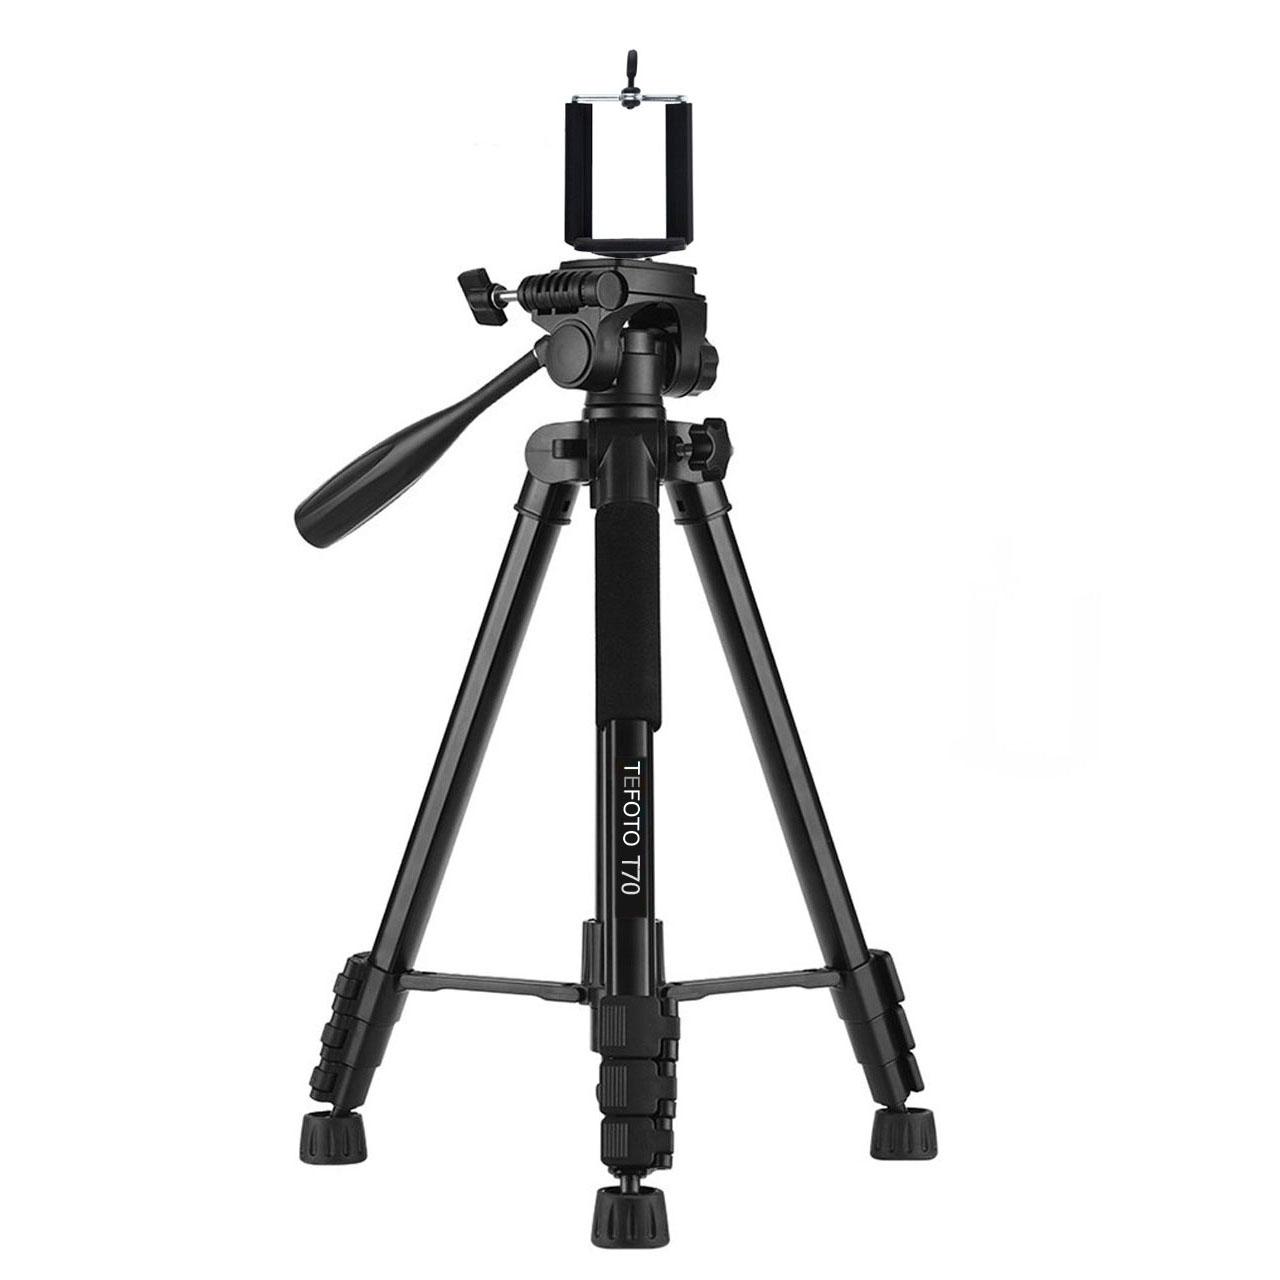 سه پایه دوربین تی فوتو مدل T-70 کد 70